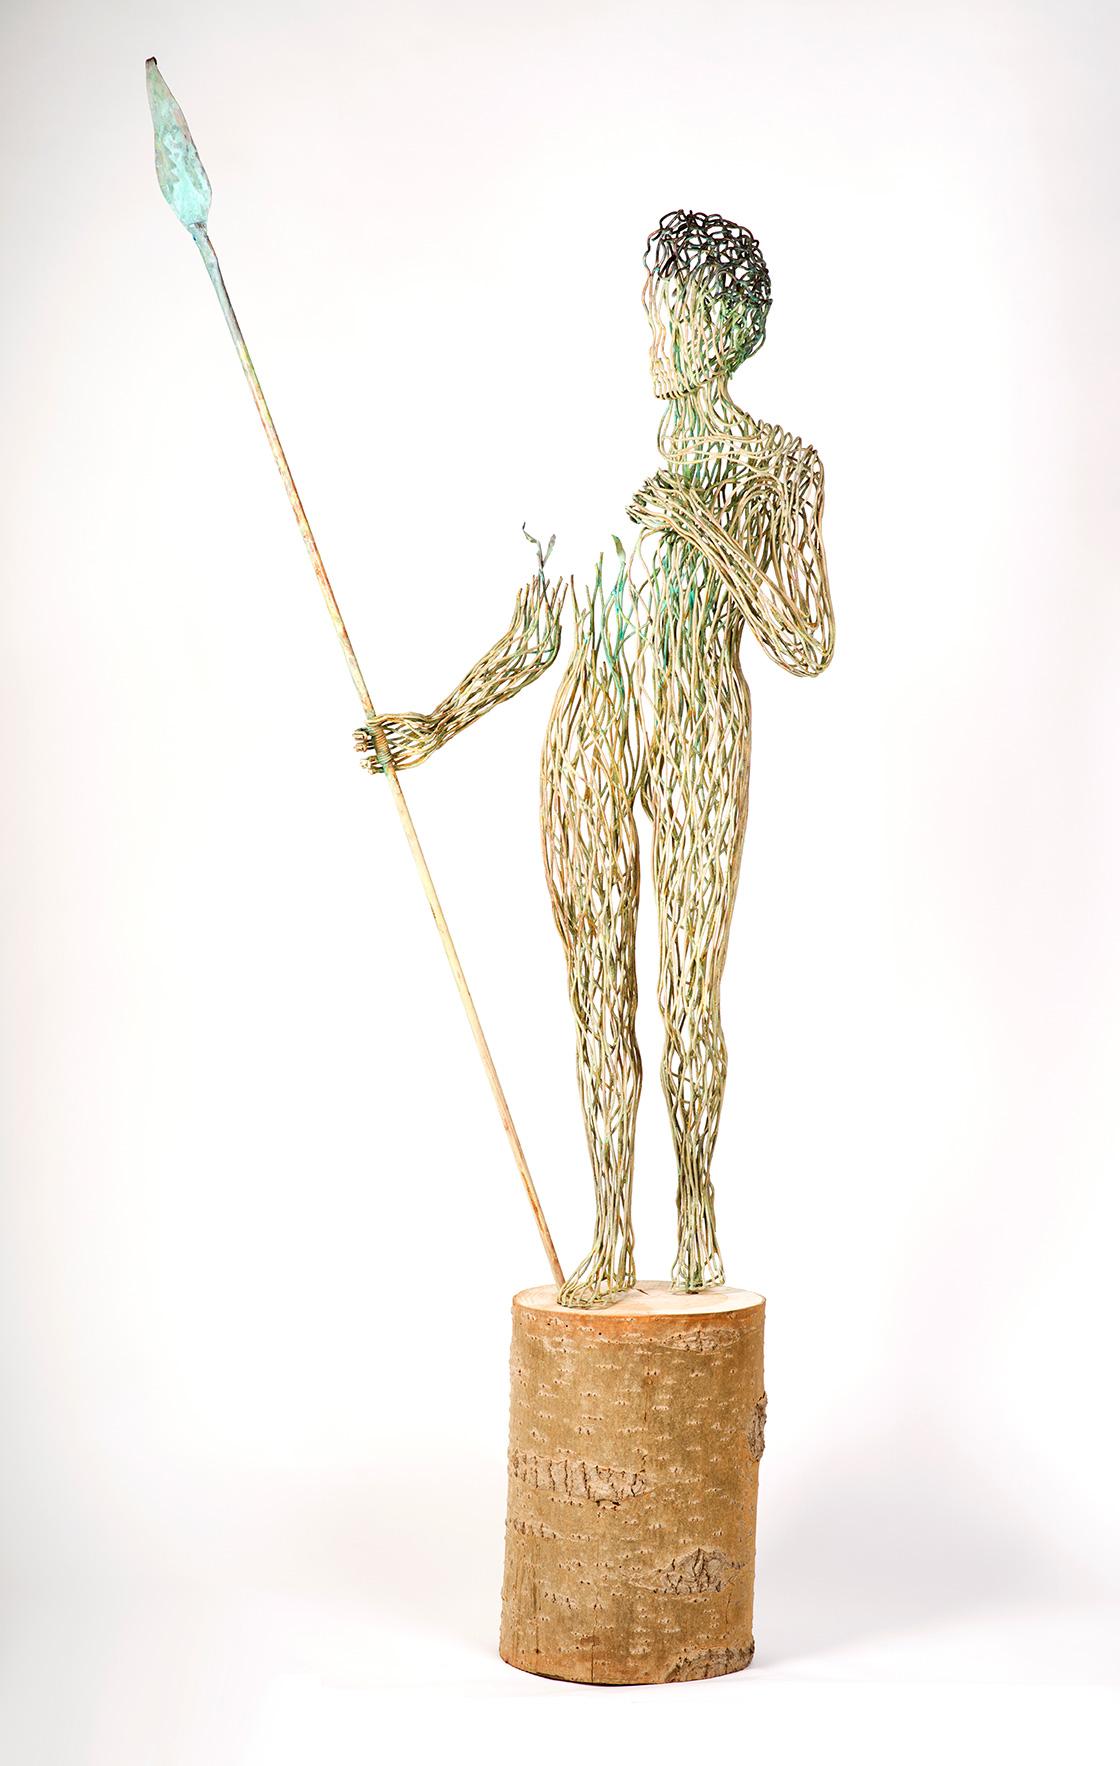 Bonzano Stefano, Terra, Scultura in tubolare di rame saldato a mano, 218x100x60 cm, 2015.